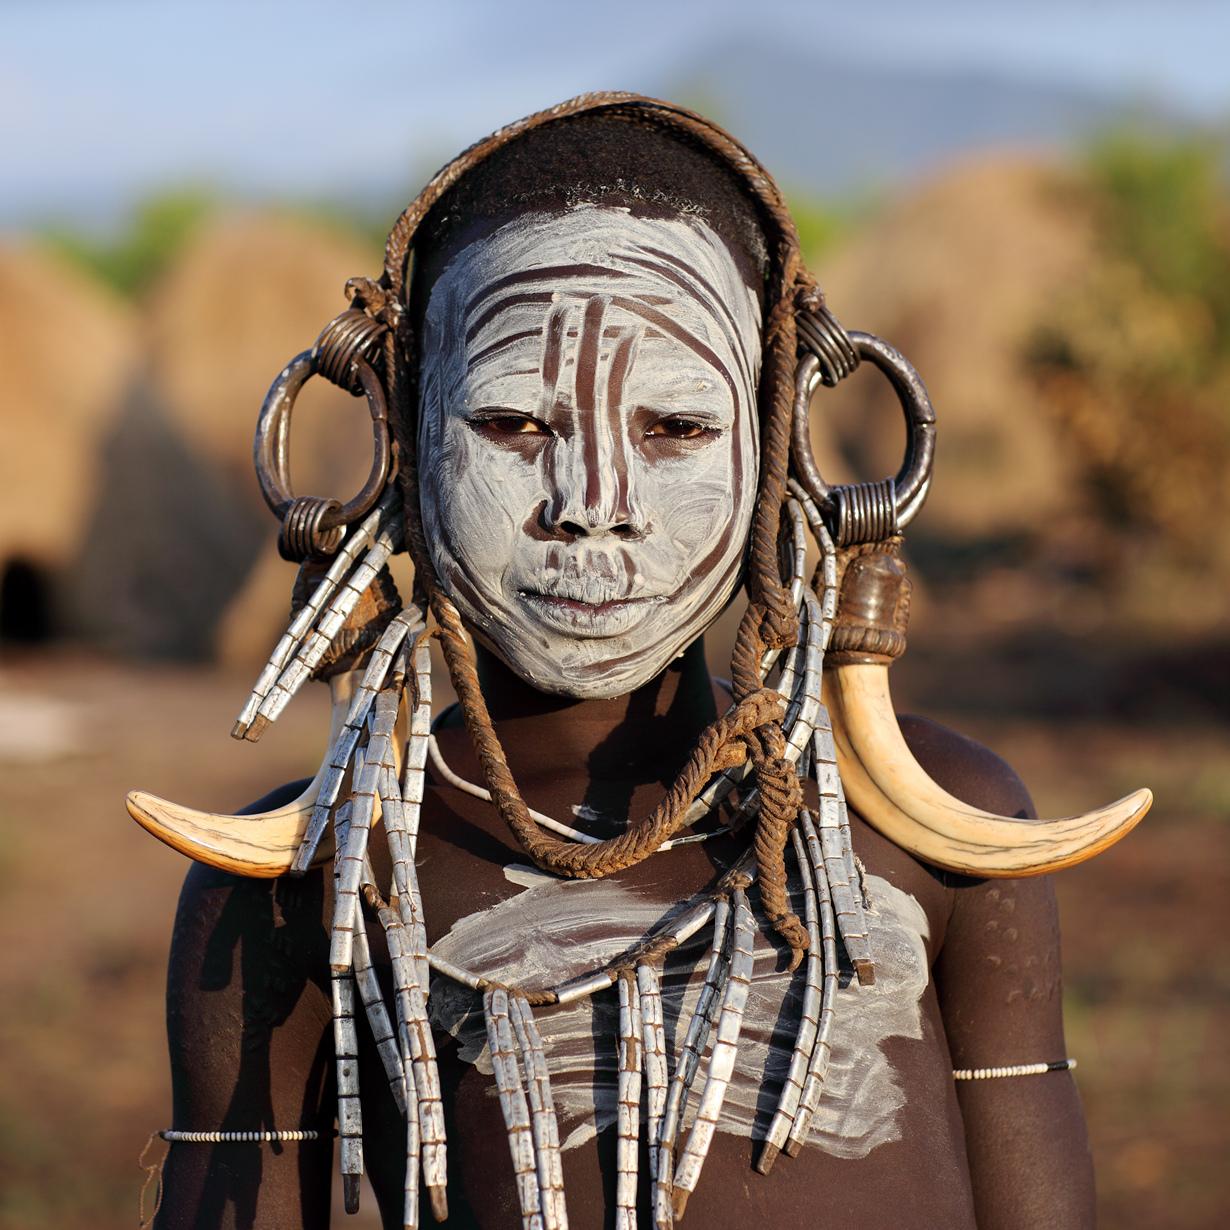 фото людей племени мурси предвкушении, дети